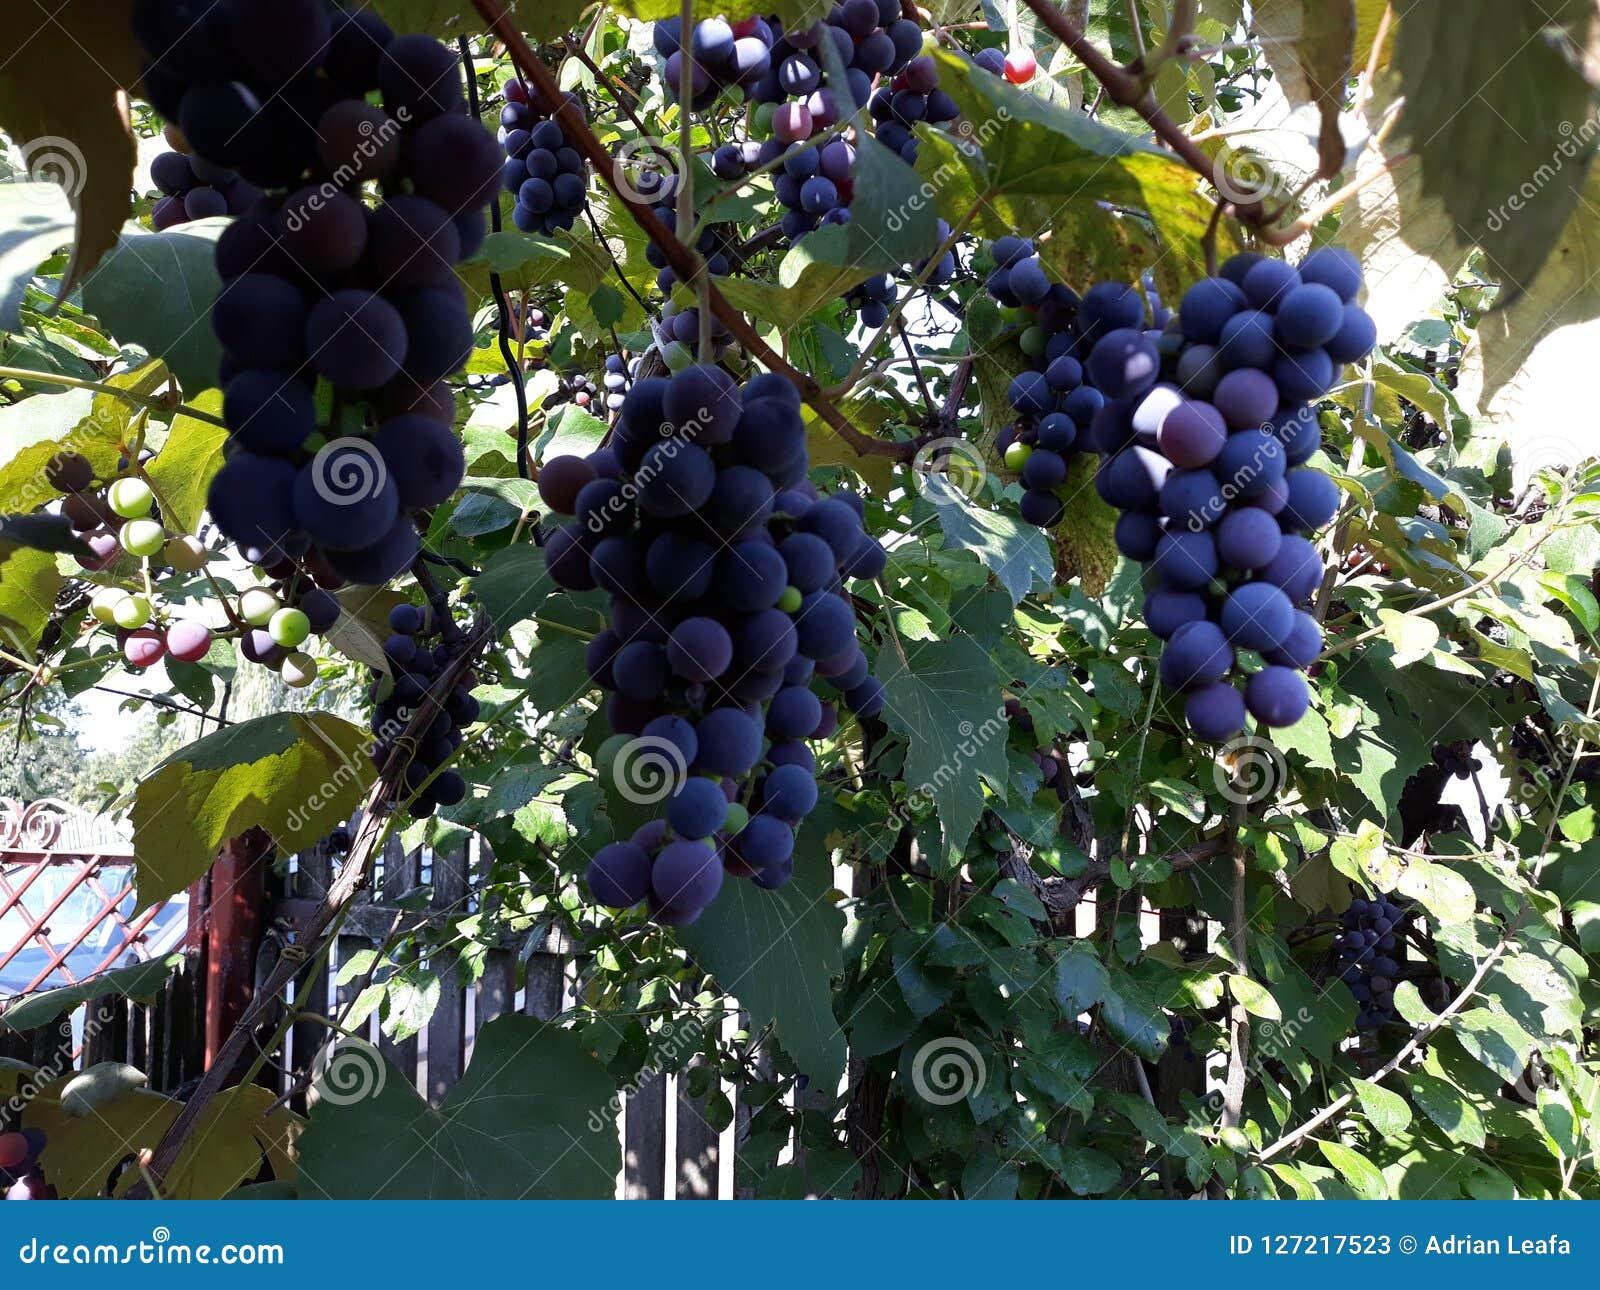 Violet grapes on the vine